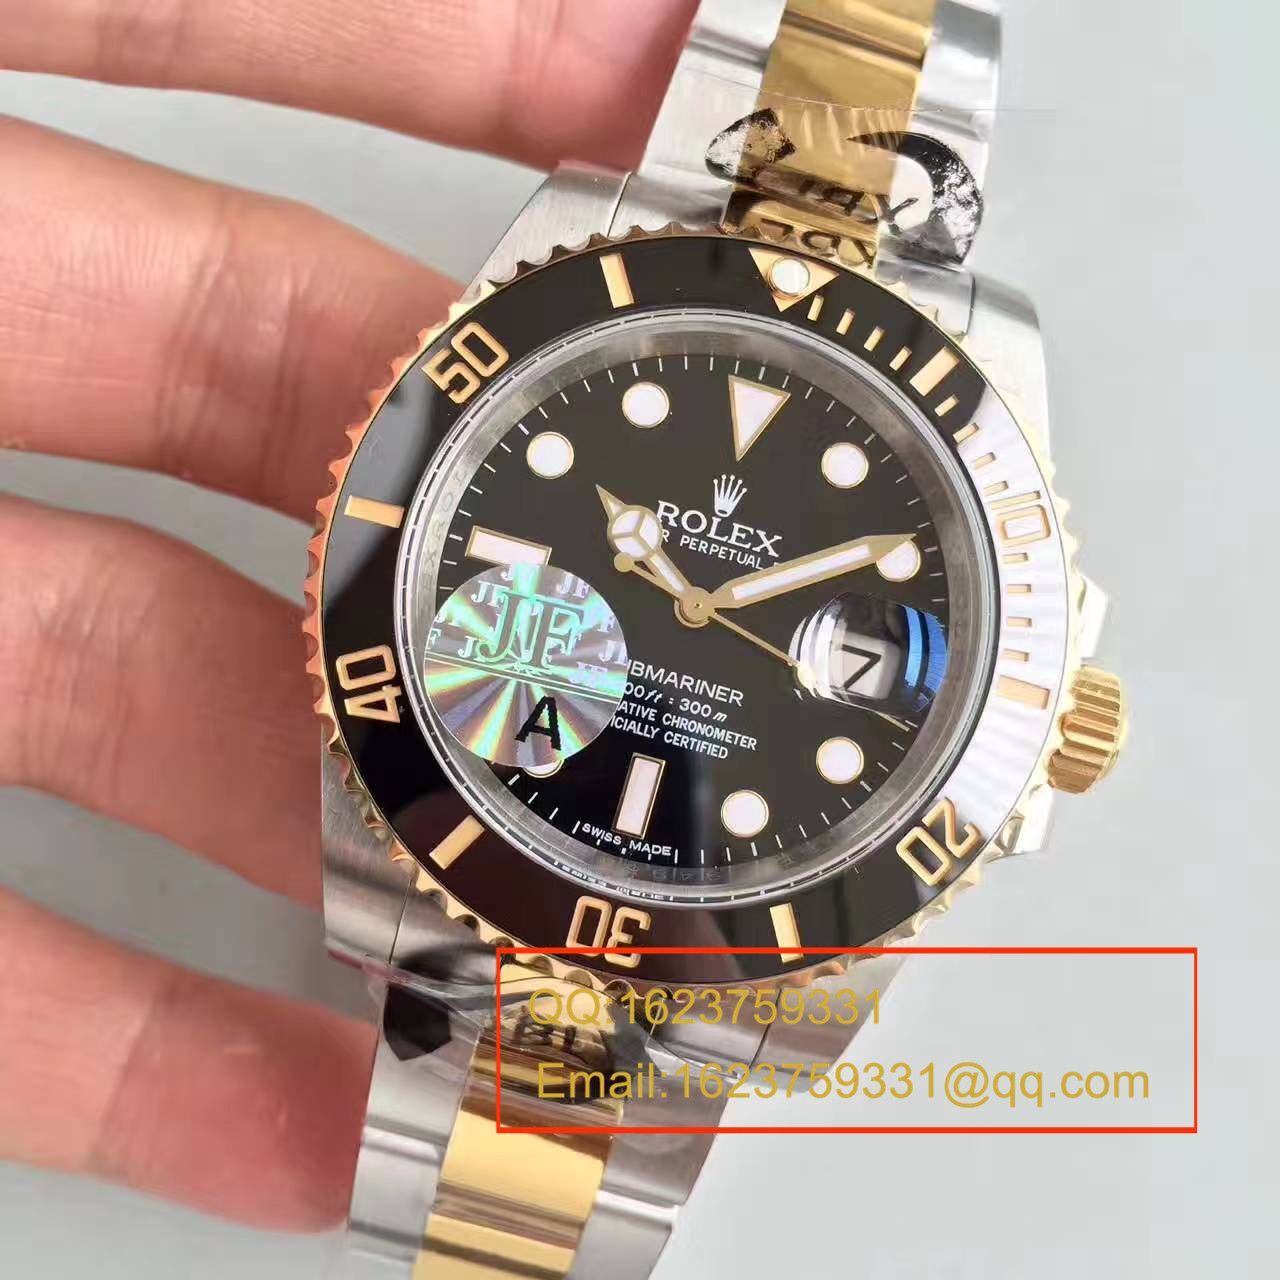 【JF厂一比一超A高仿手表】劳力士潜航者型系列116613-LN-97203间金水鬼腕表 / RBG029